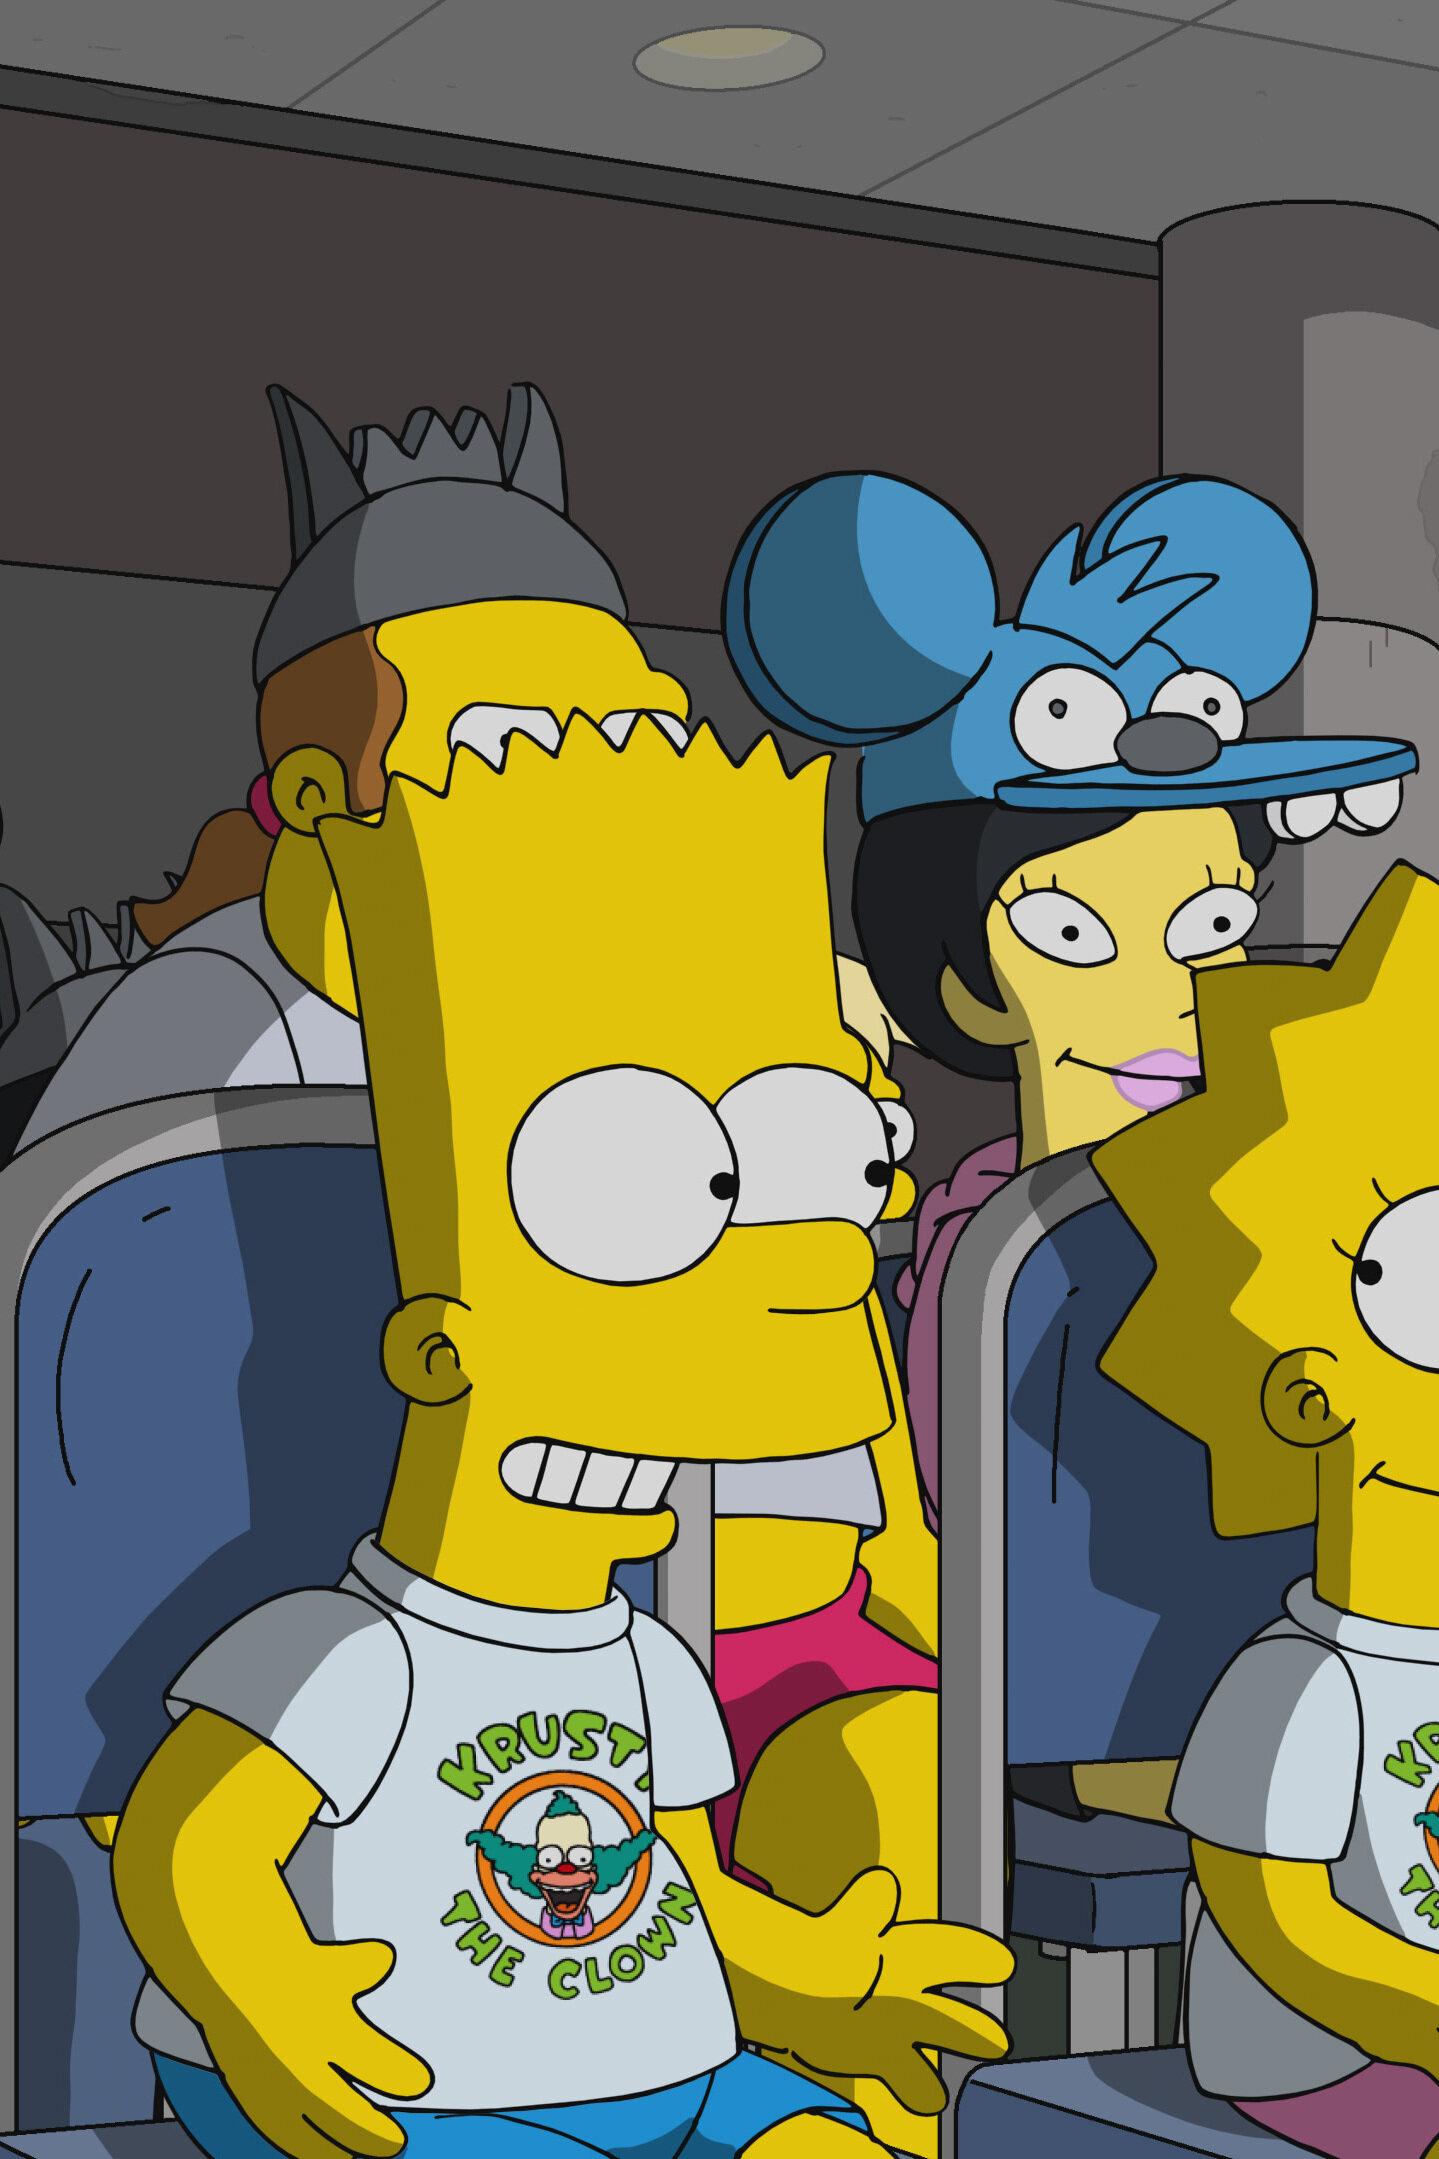 Les Simpson - Bart contre Itchy et Scratchy